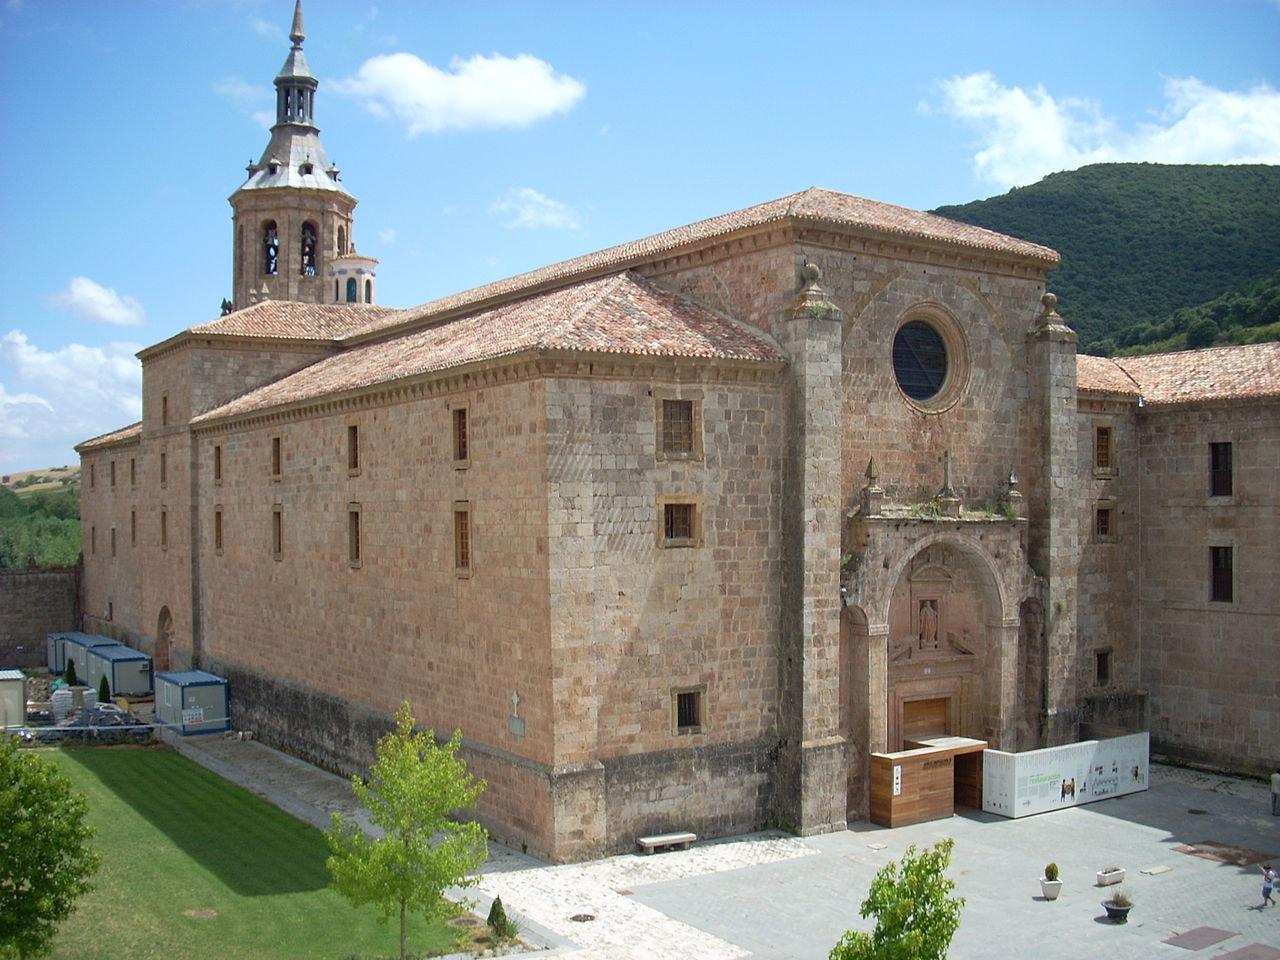 Monasterio de Yuso, La Rioja, Spain | ©Cruccone / Wikimedia Commons